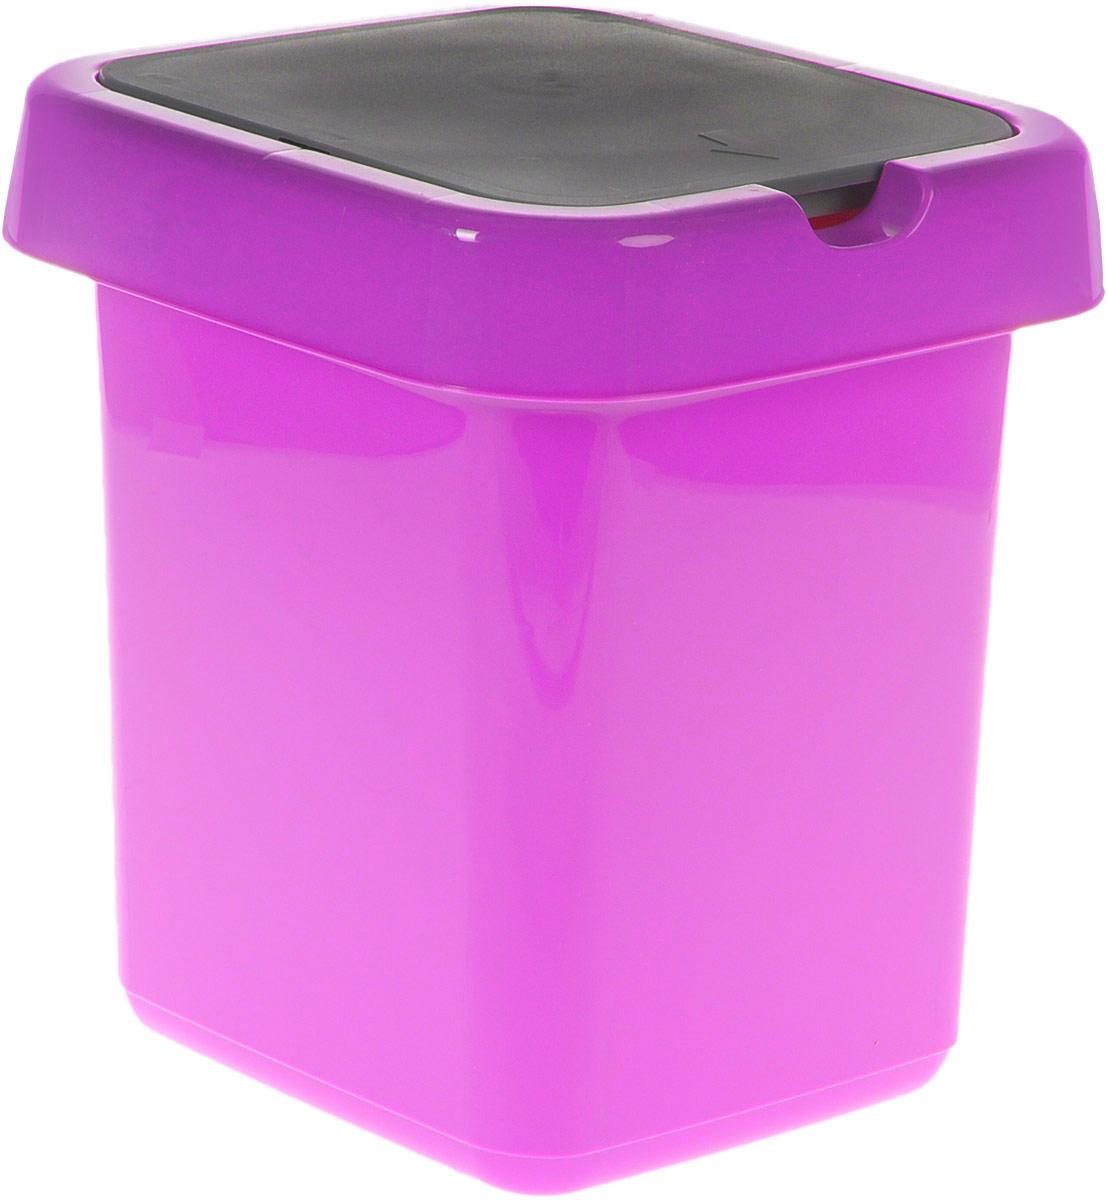 Контейнер для мусора Svip Квадра, цвет: аметист, 9 лSV4042АМКонтейнер для мусора поможет поддержать порядок и чистоту на кухне, в туалетной комнате, за рабочим столом. Изделие оснащено крышкой с двойным механизмом открывания, что обеспечивает максимально удобное использование: откидной крышкой можно воспользоваться при забрасывании большого мусора, крышкой-маятником – для мусора меньшего объема. Скрытые борта в корпусе ведра для аккуратного использования одноразовых пакетов и сохранения эстетики изделия. Для удобства извлечения накопившегося в ведре мусора его верхняя часть сделана съёмной. Высокое качество используемого материала гарантирует долгий срок эксплуатации.